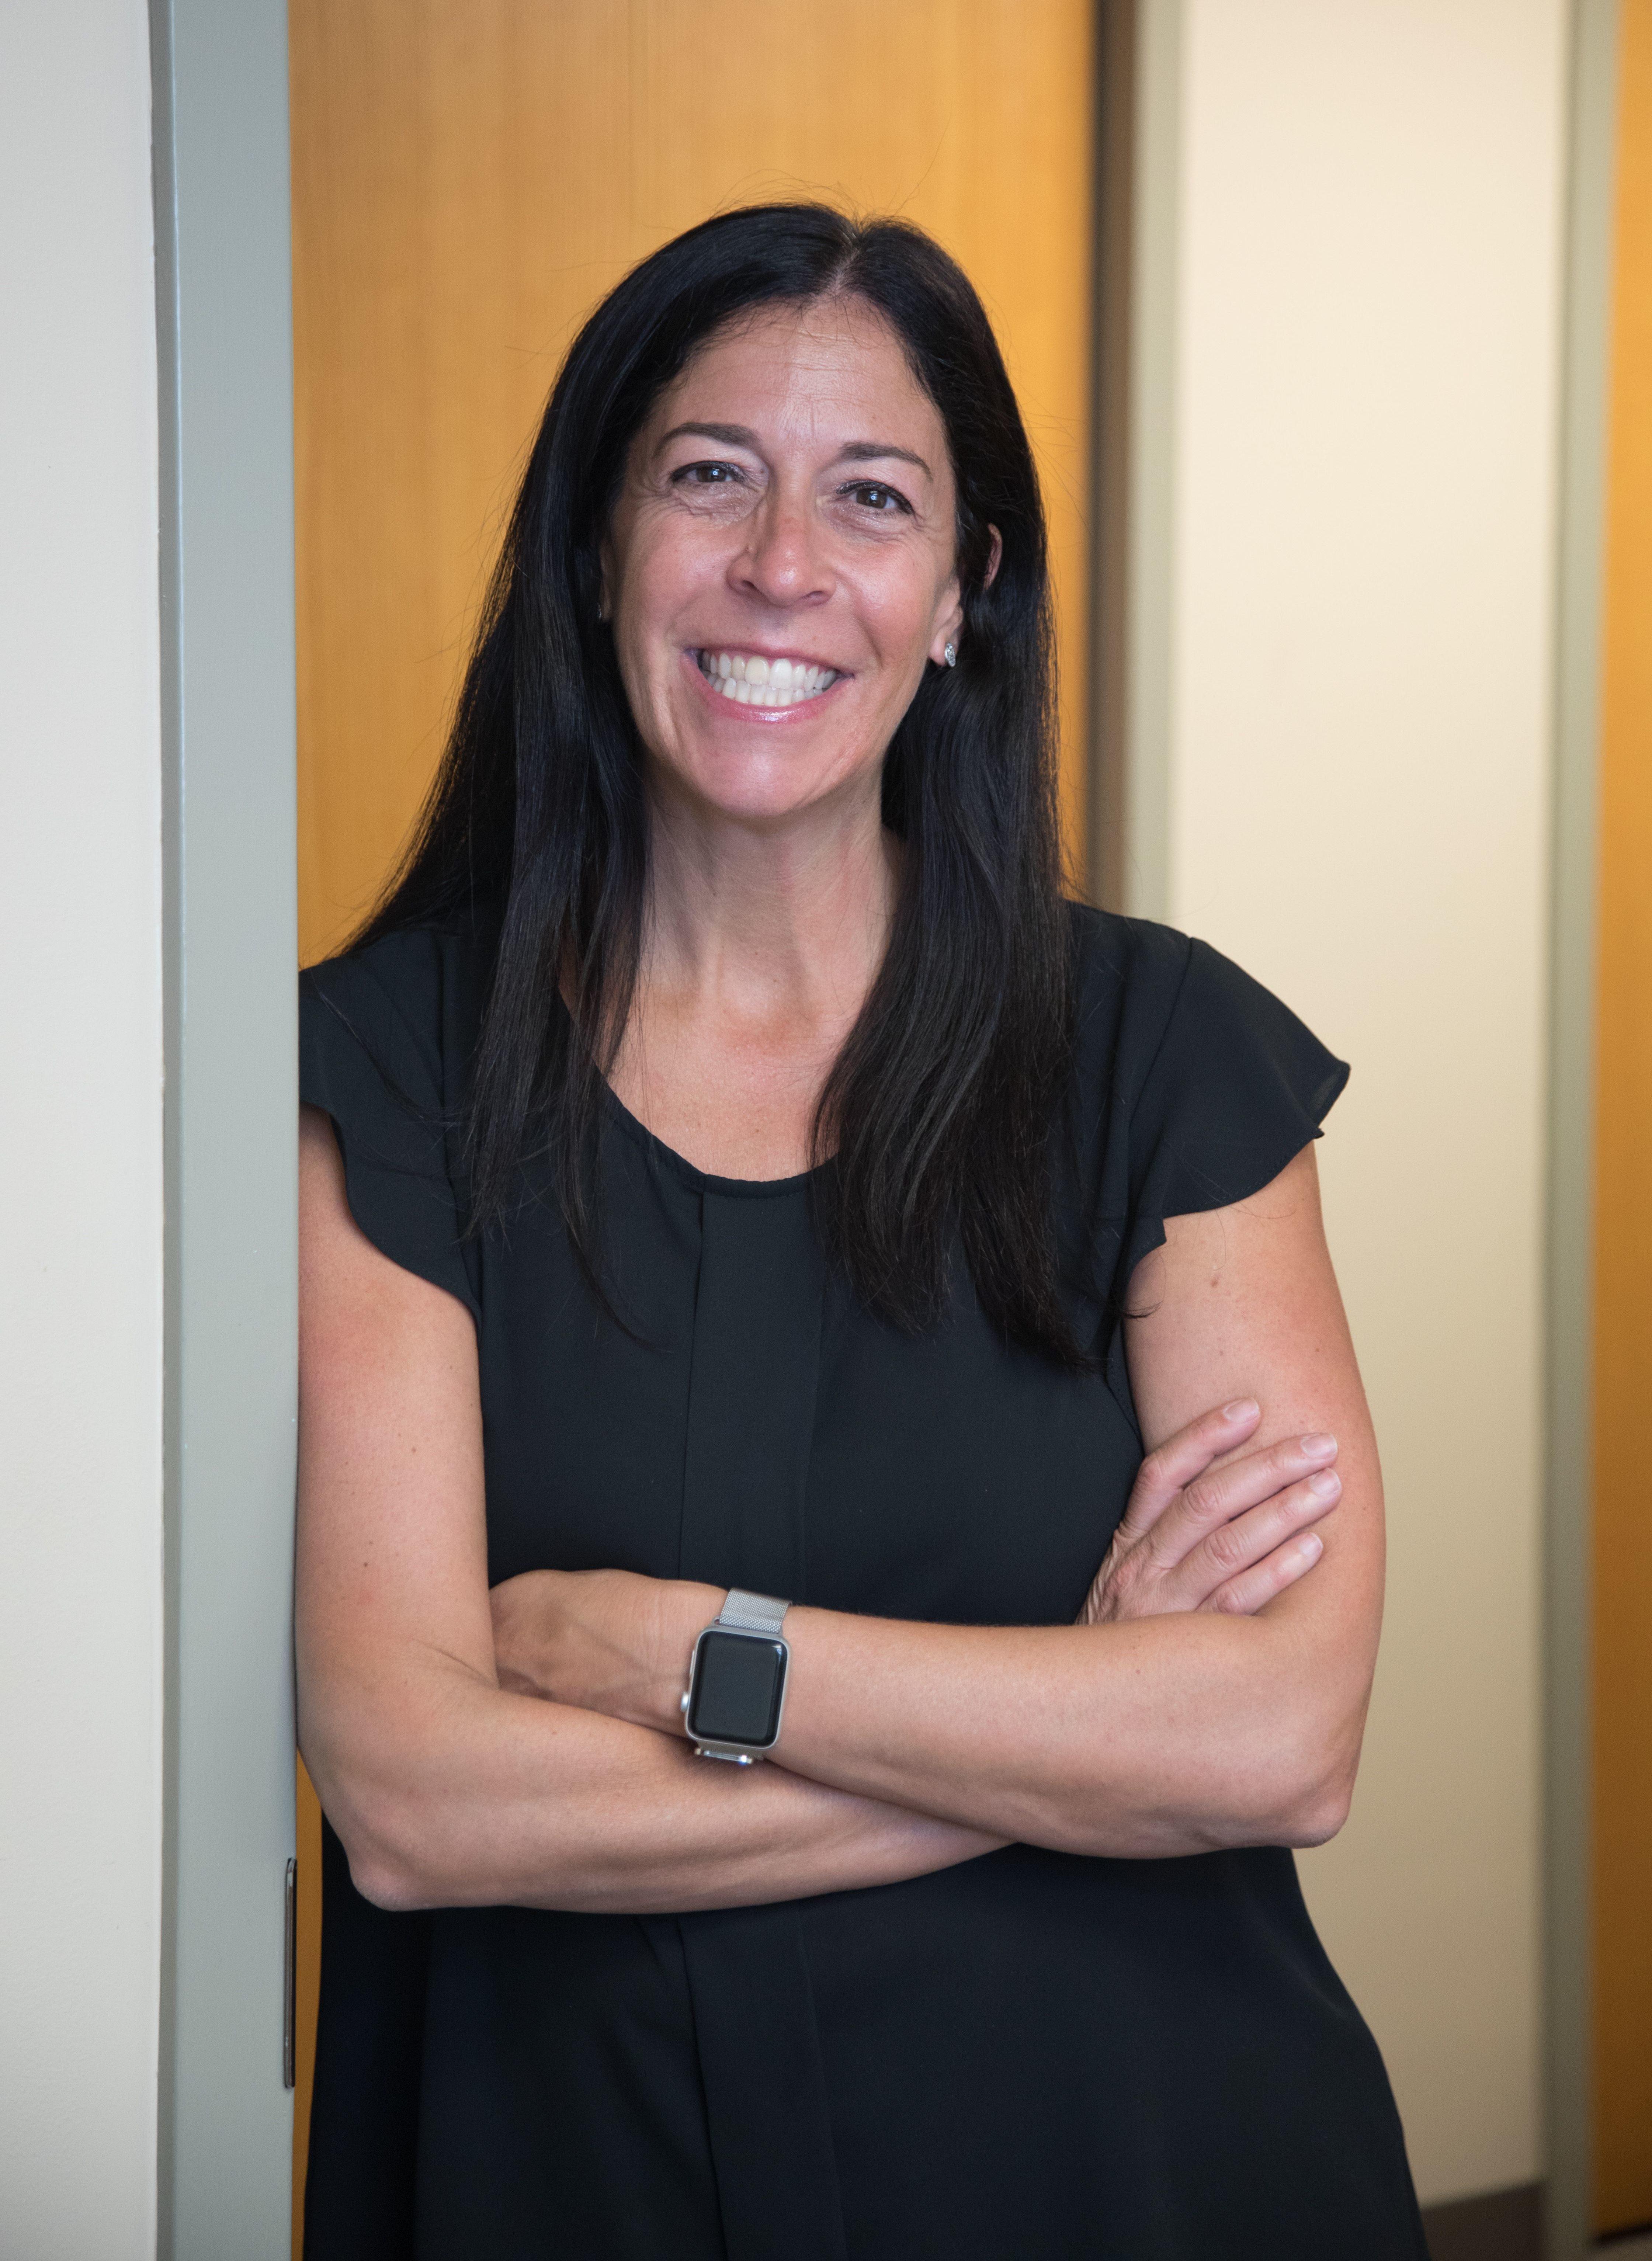 Tori Cohen